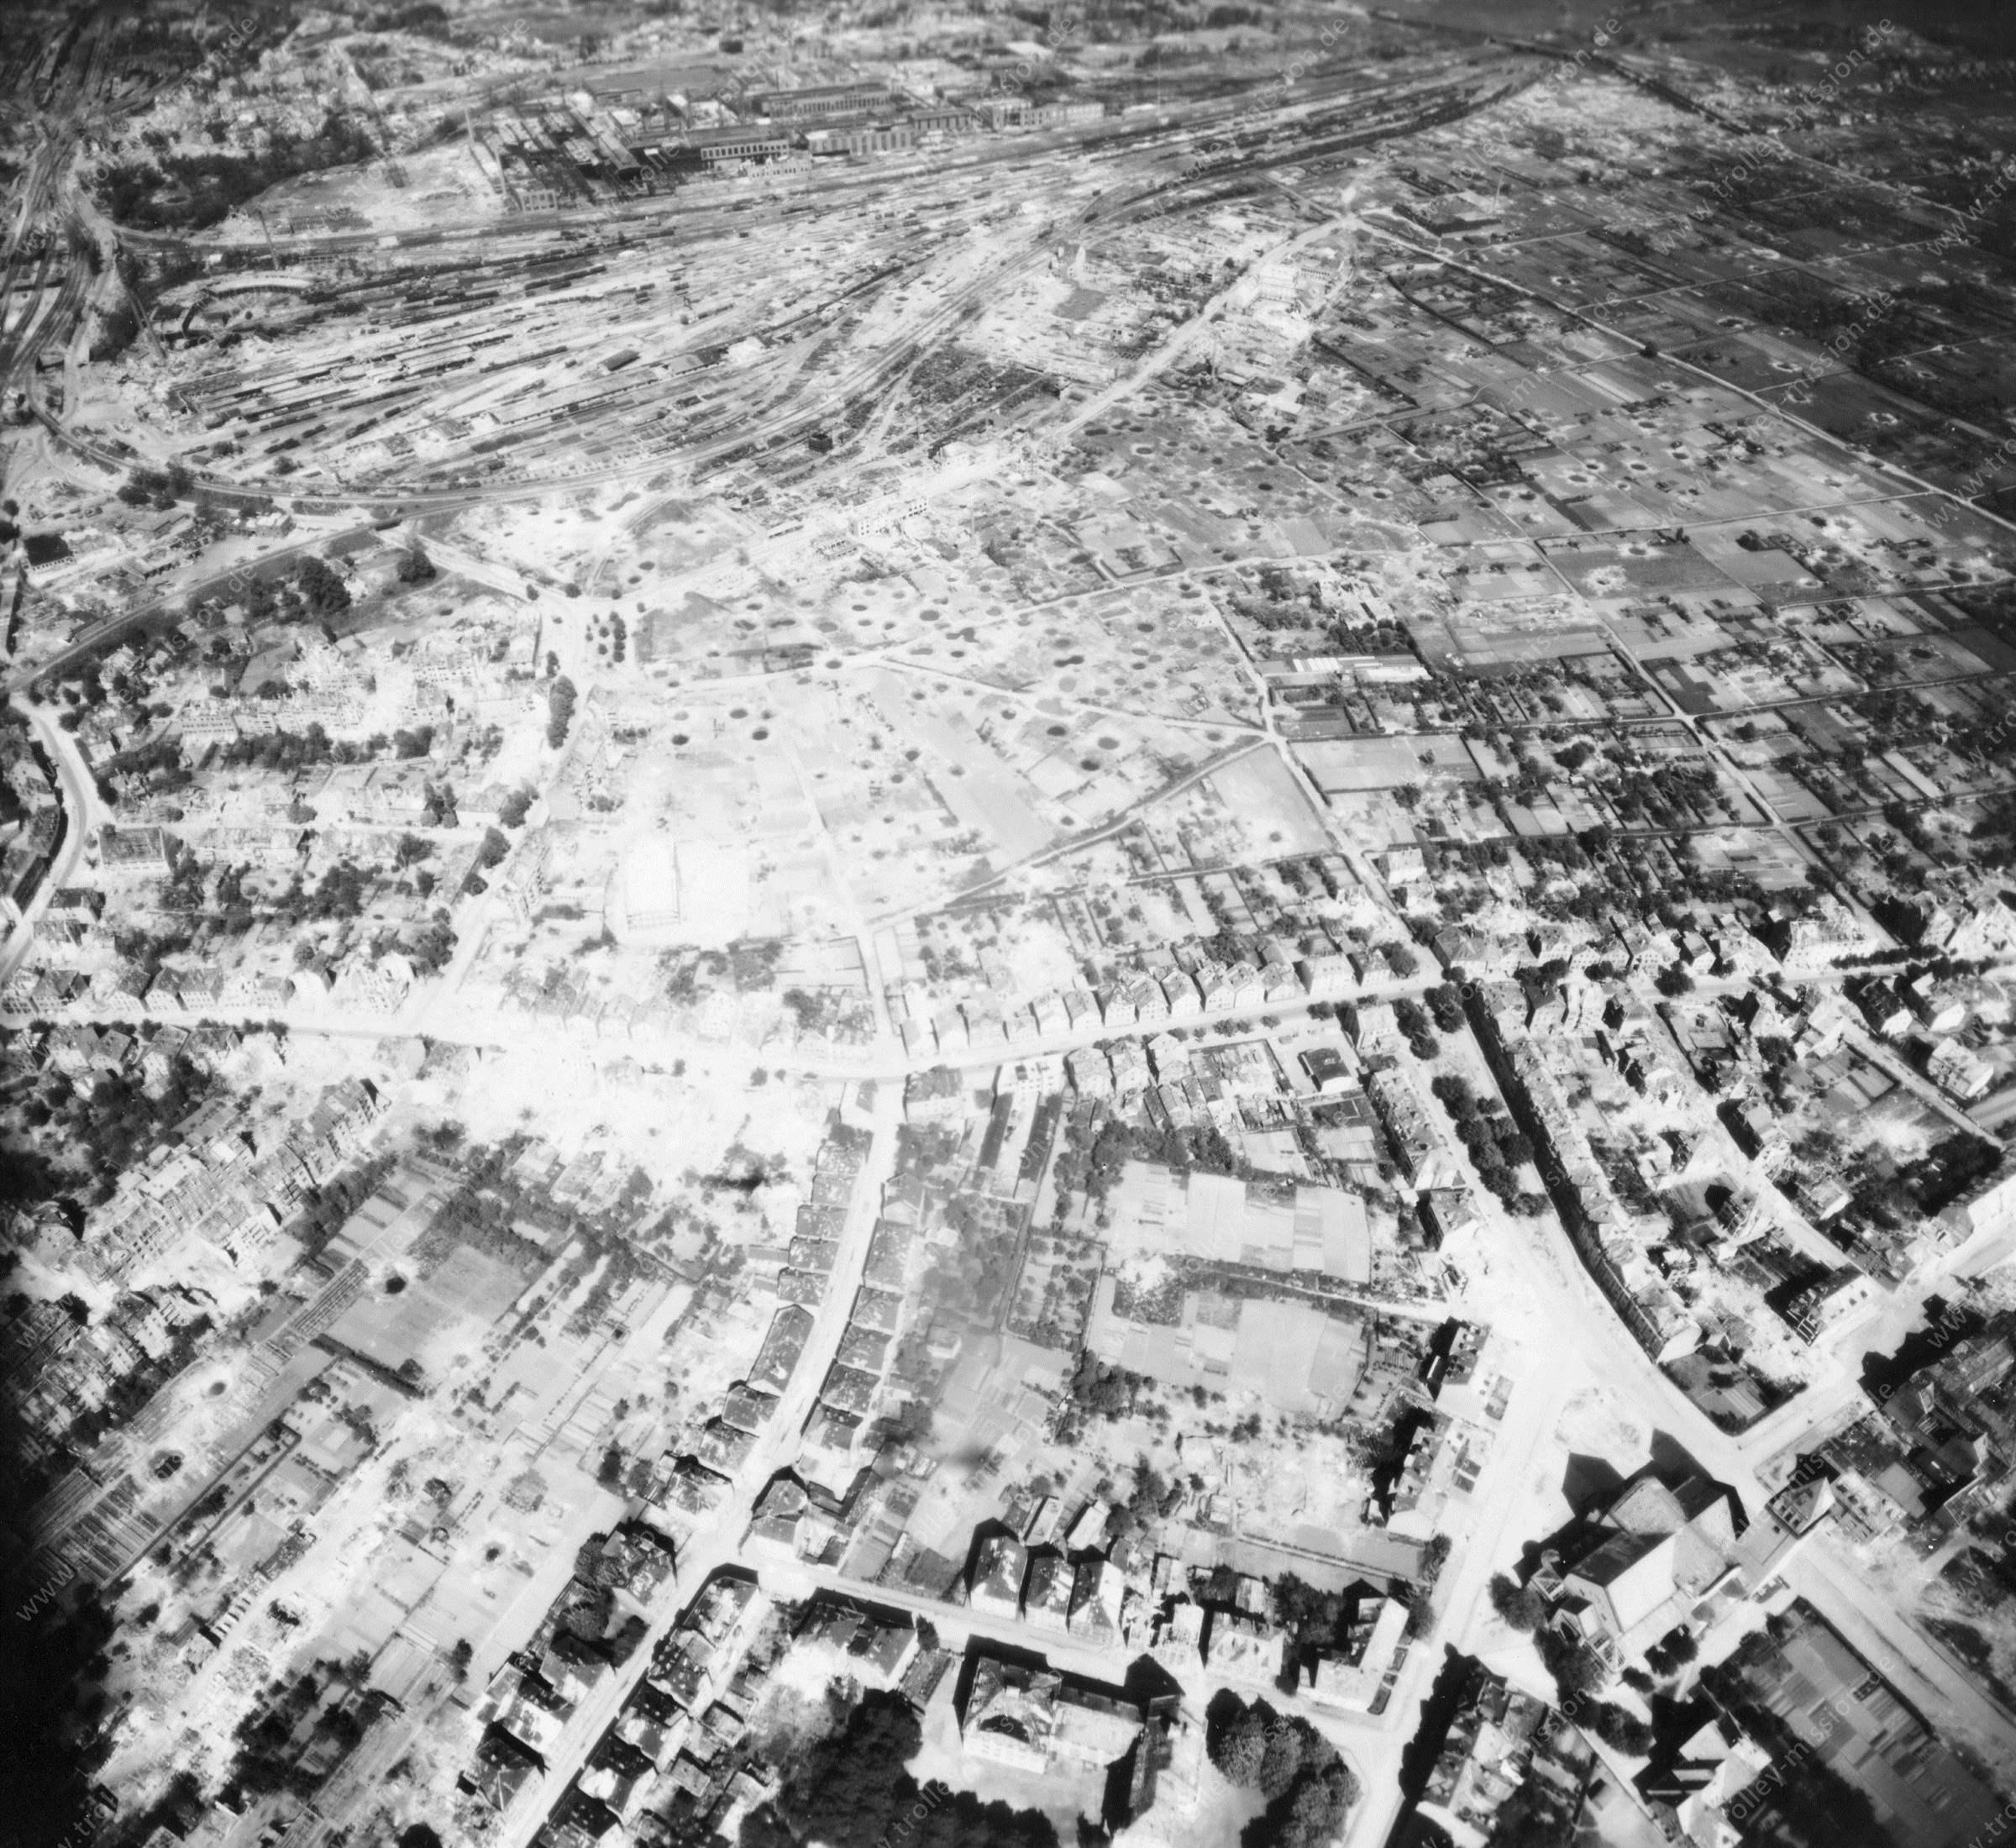 Luftbild von Osnabrück am 12. Mai 1945 - Luftbildserie 5/9 der US Air Force